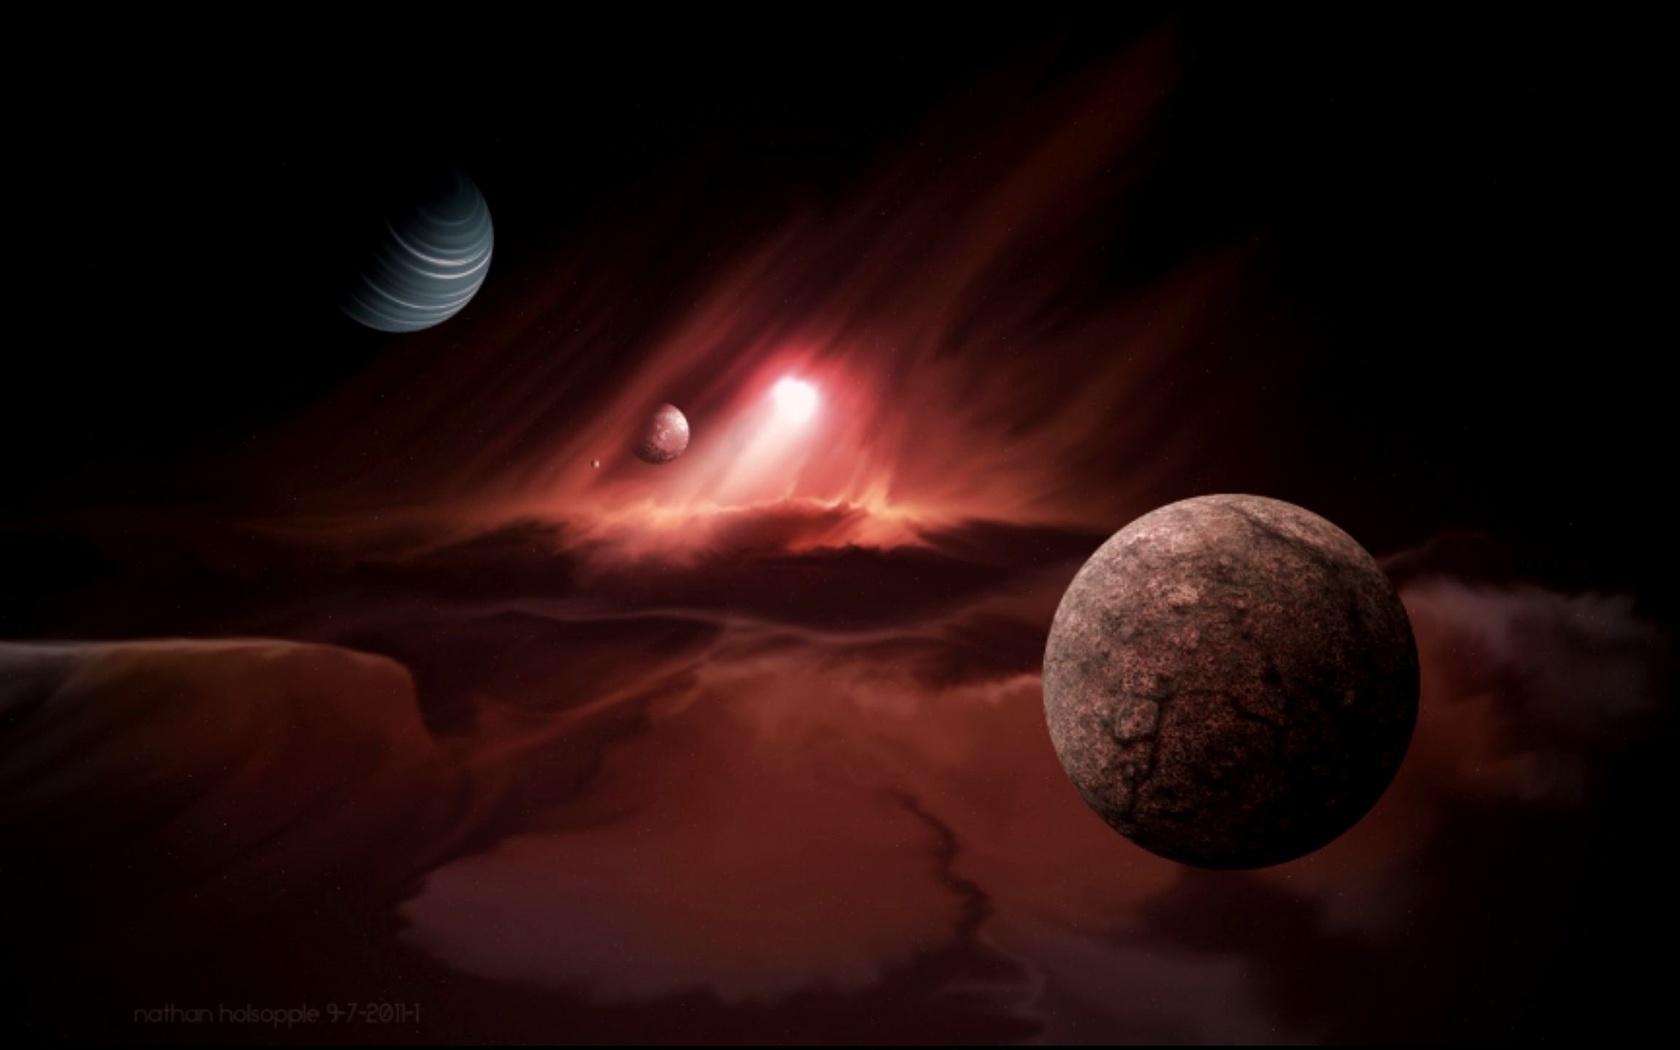 фантастика, наука, пространство